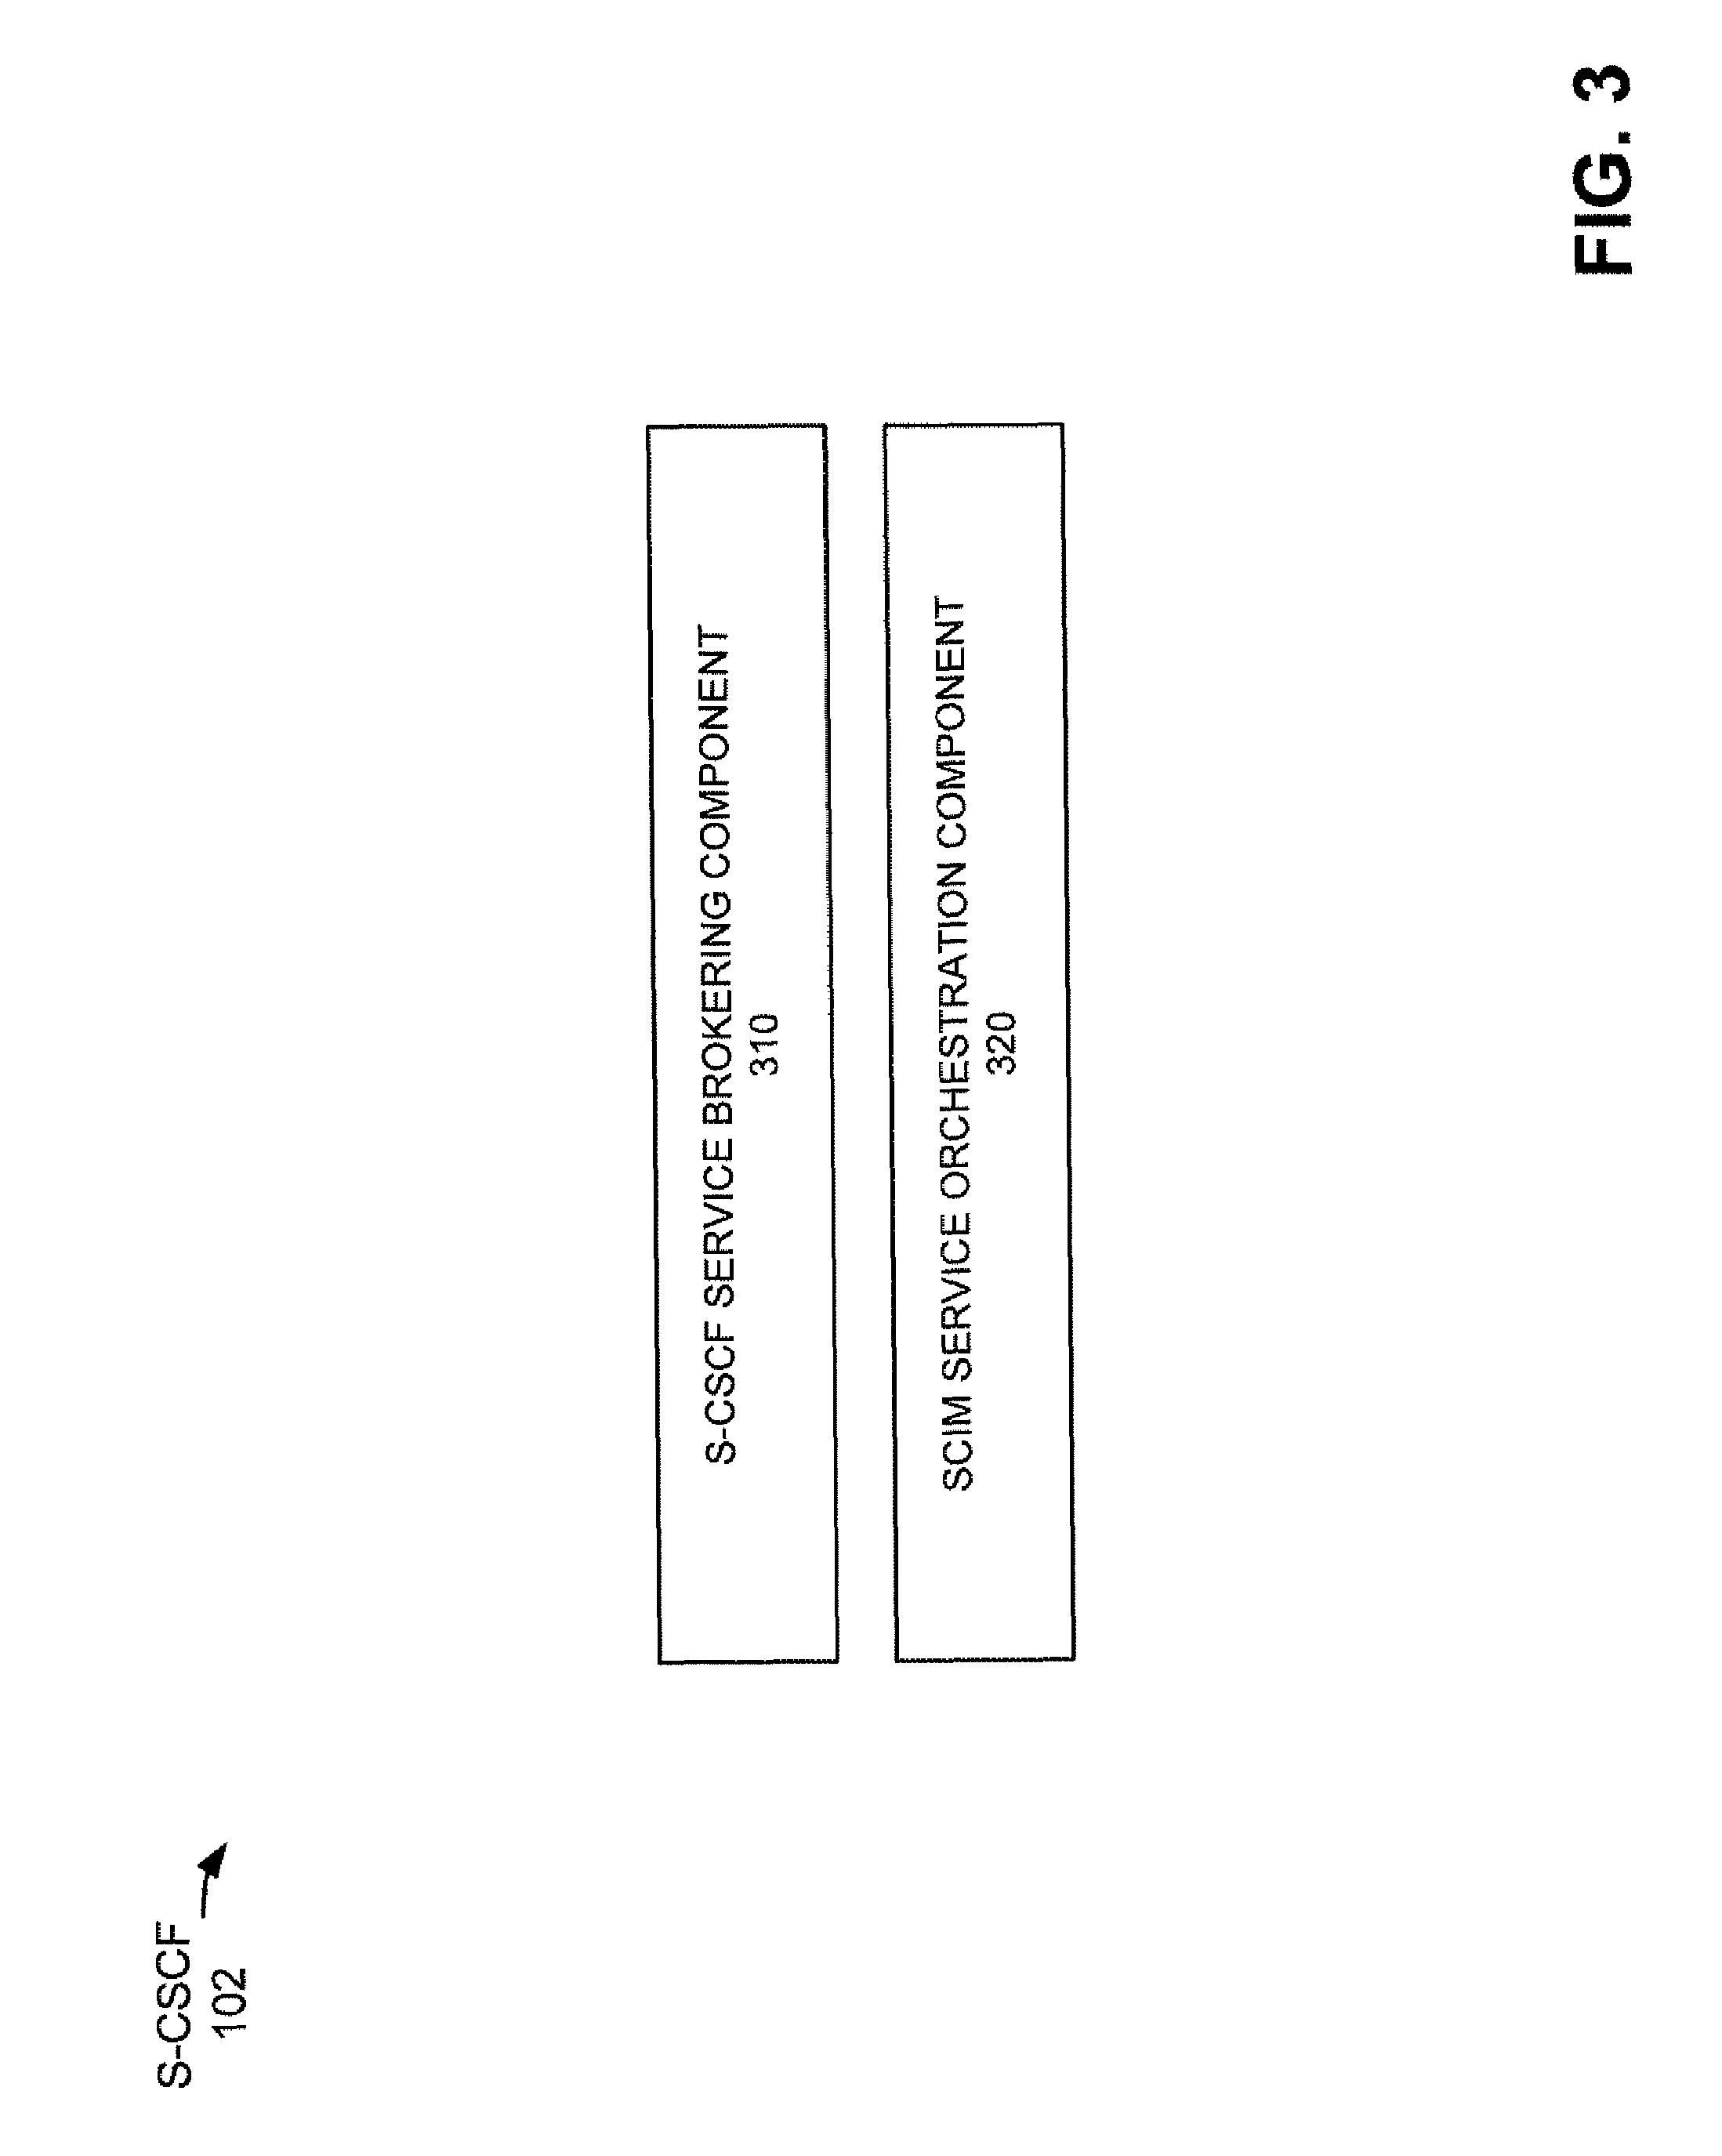 براءة الاختراع US7792275 - Application service invocation - براءات